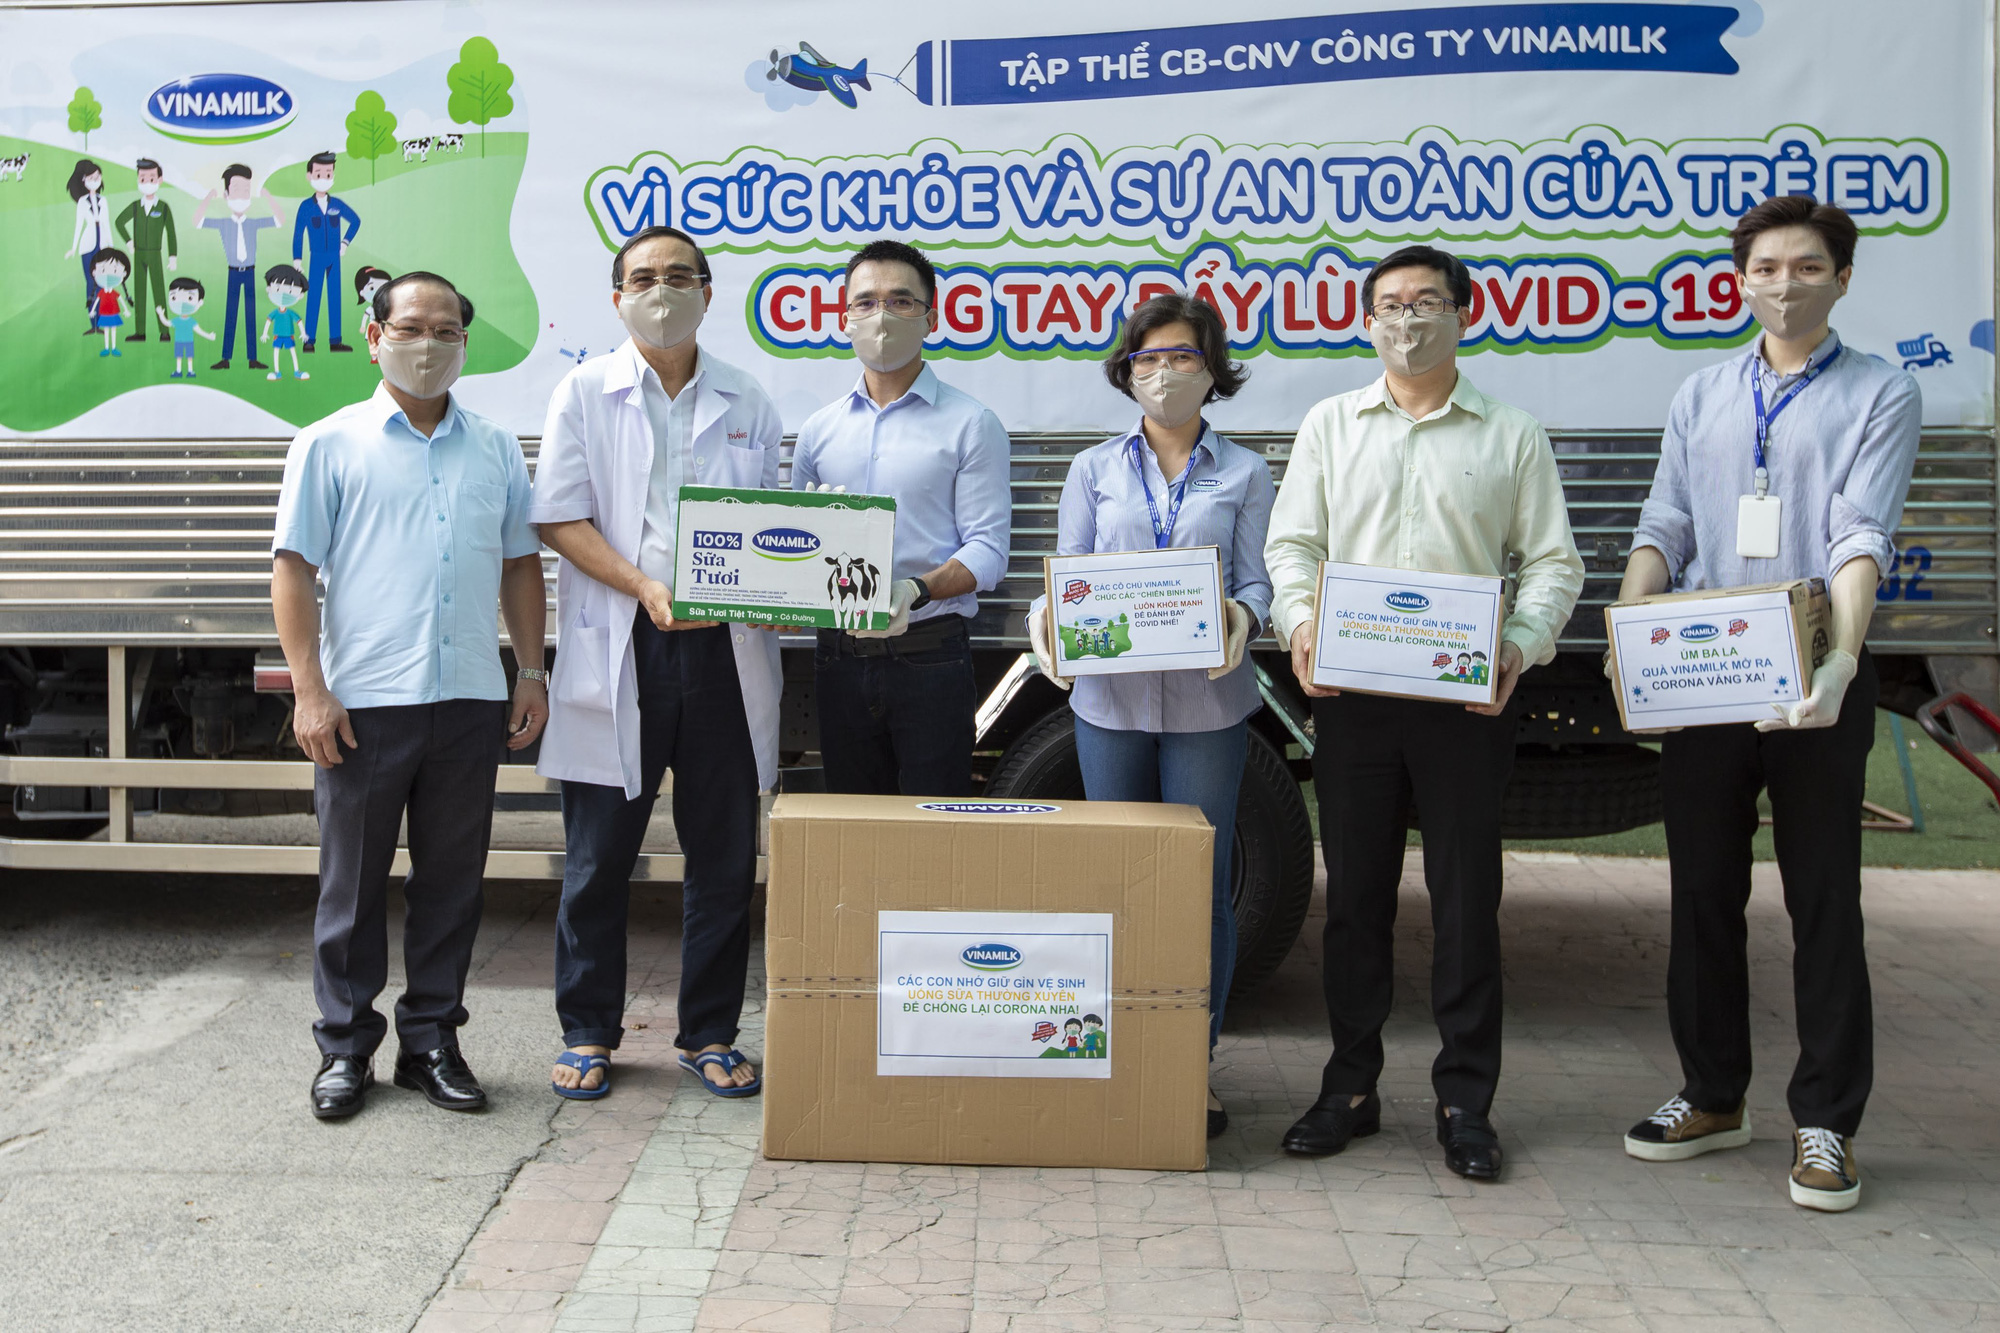 Vinamilk dẫn đầu top 10 thương hiệu mạnh nhất Việt Nam - Ảnh 6.